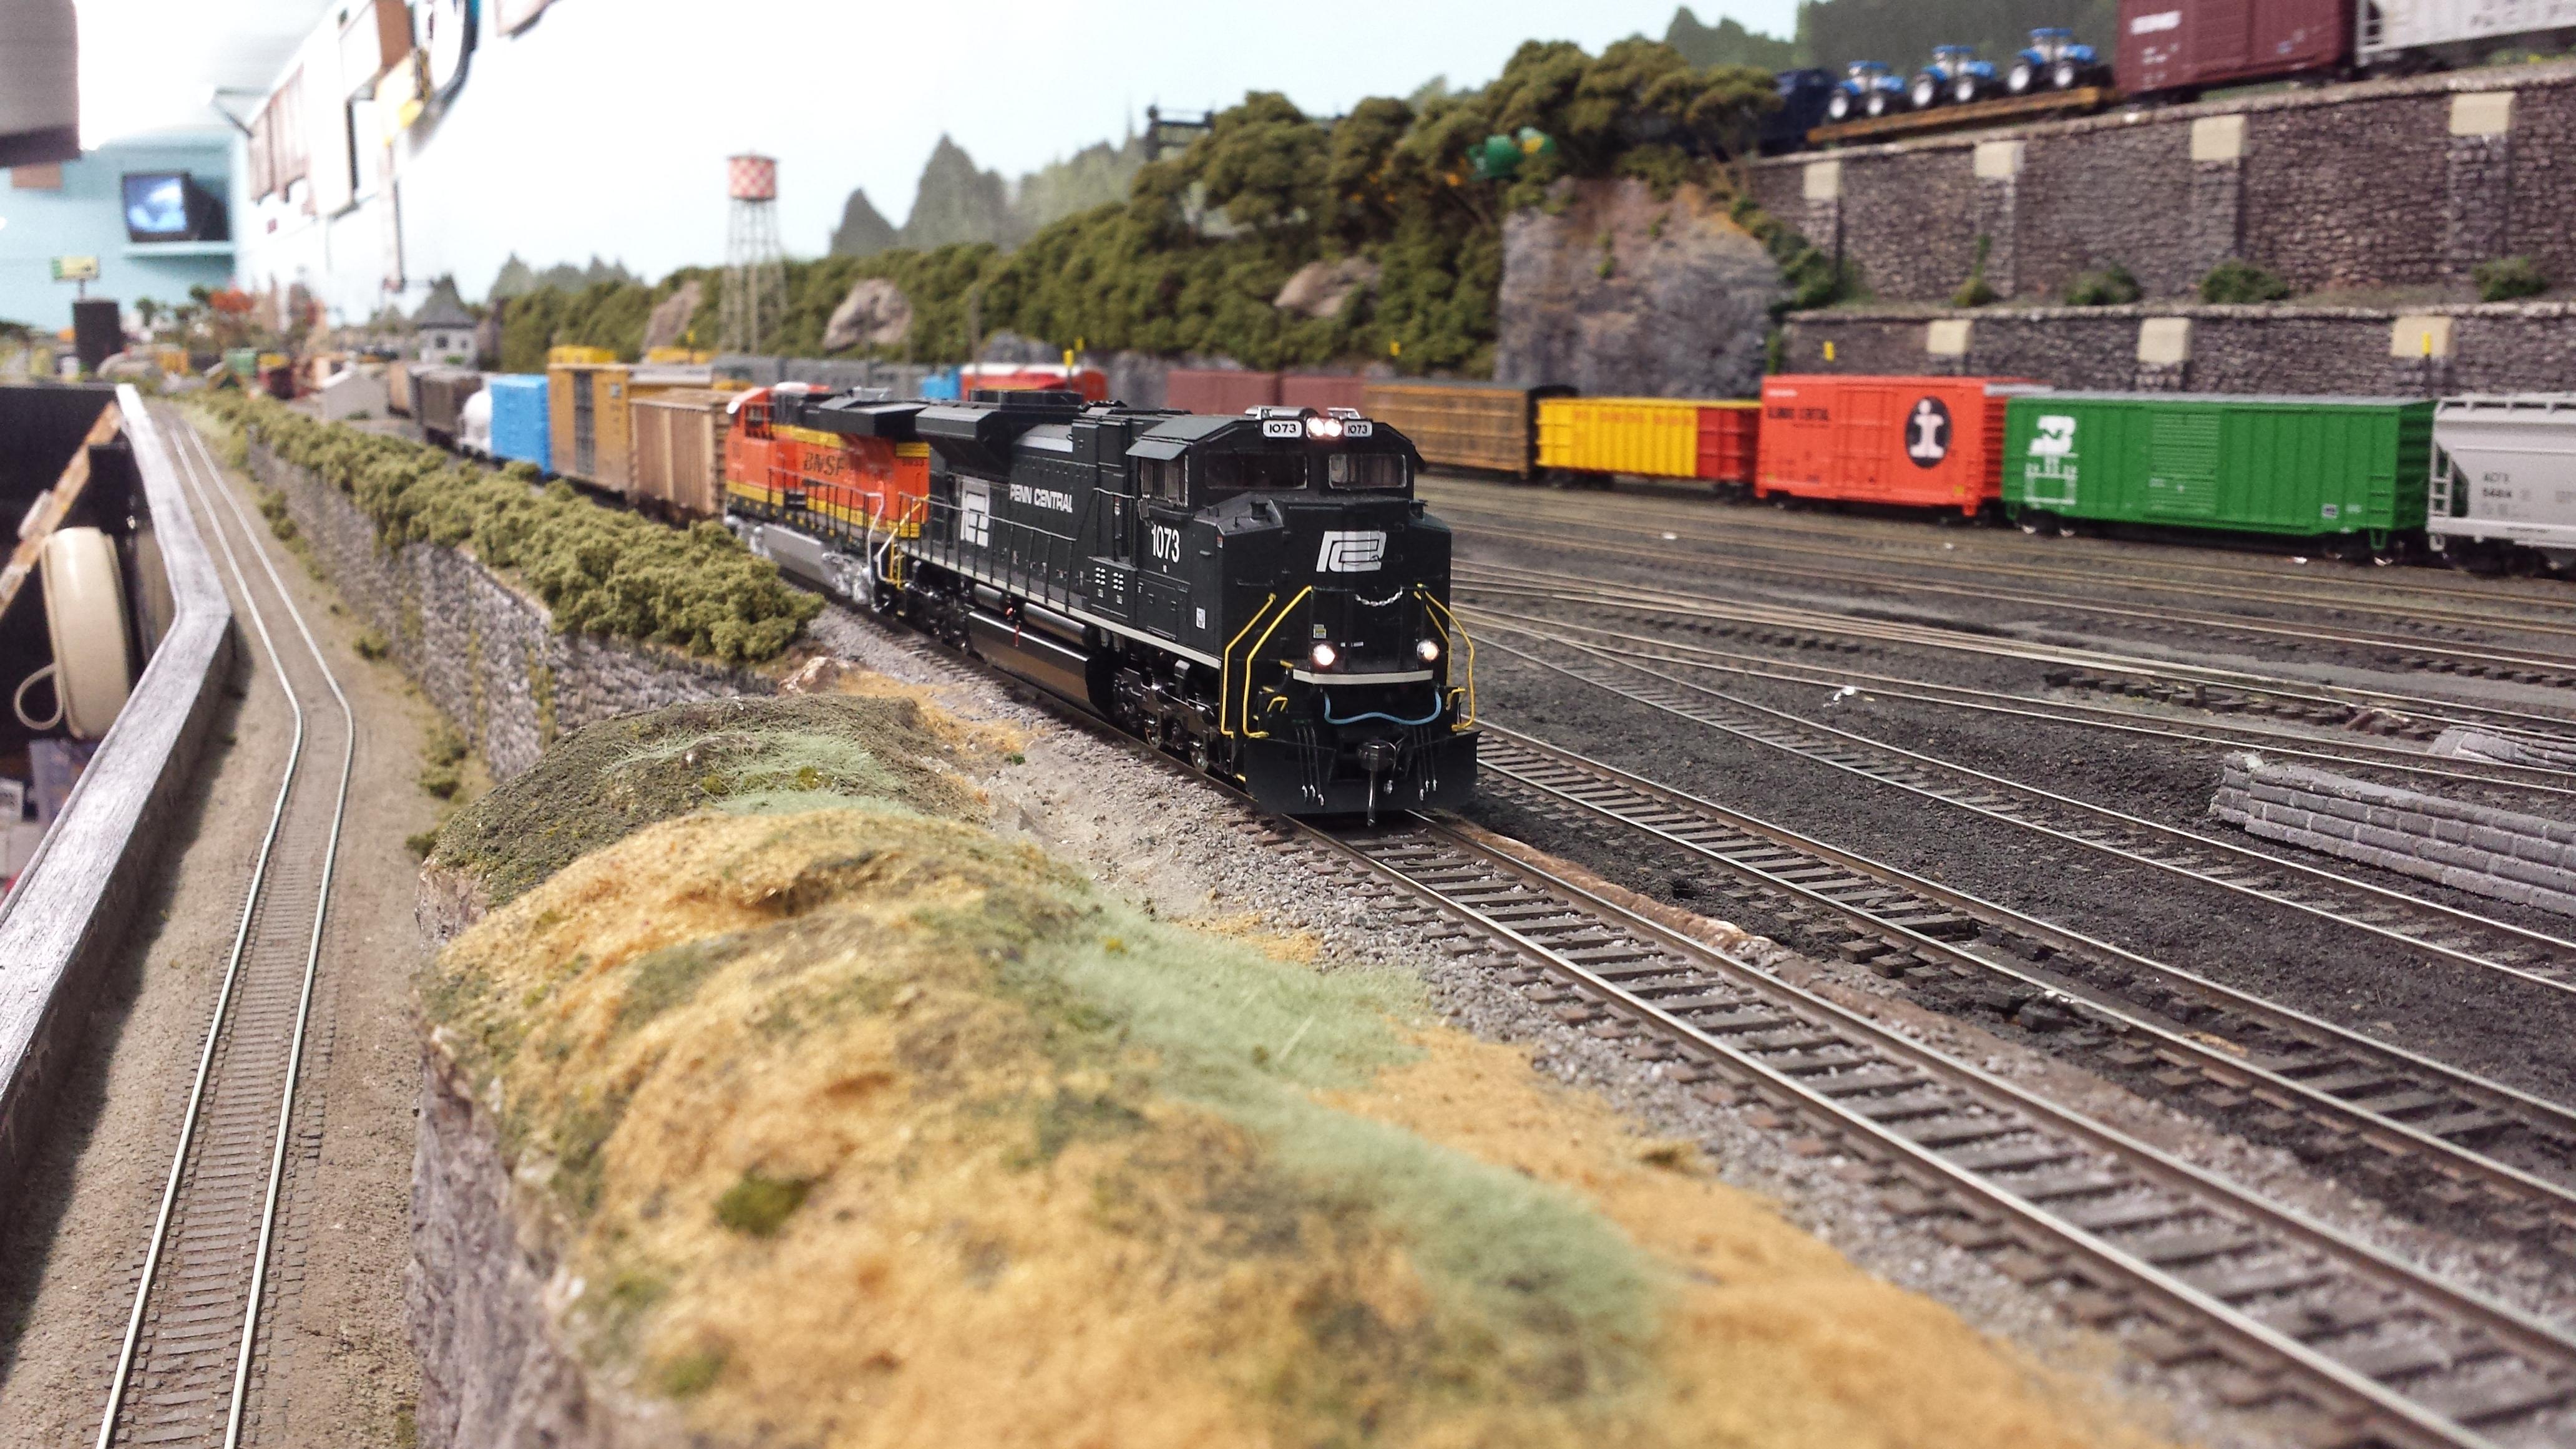 Wheatfield Yard Train